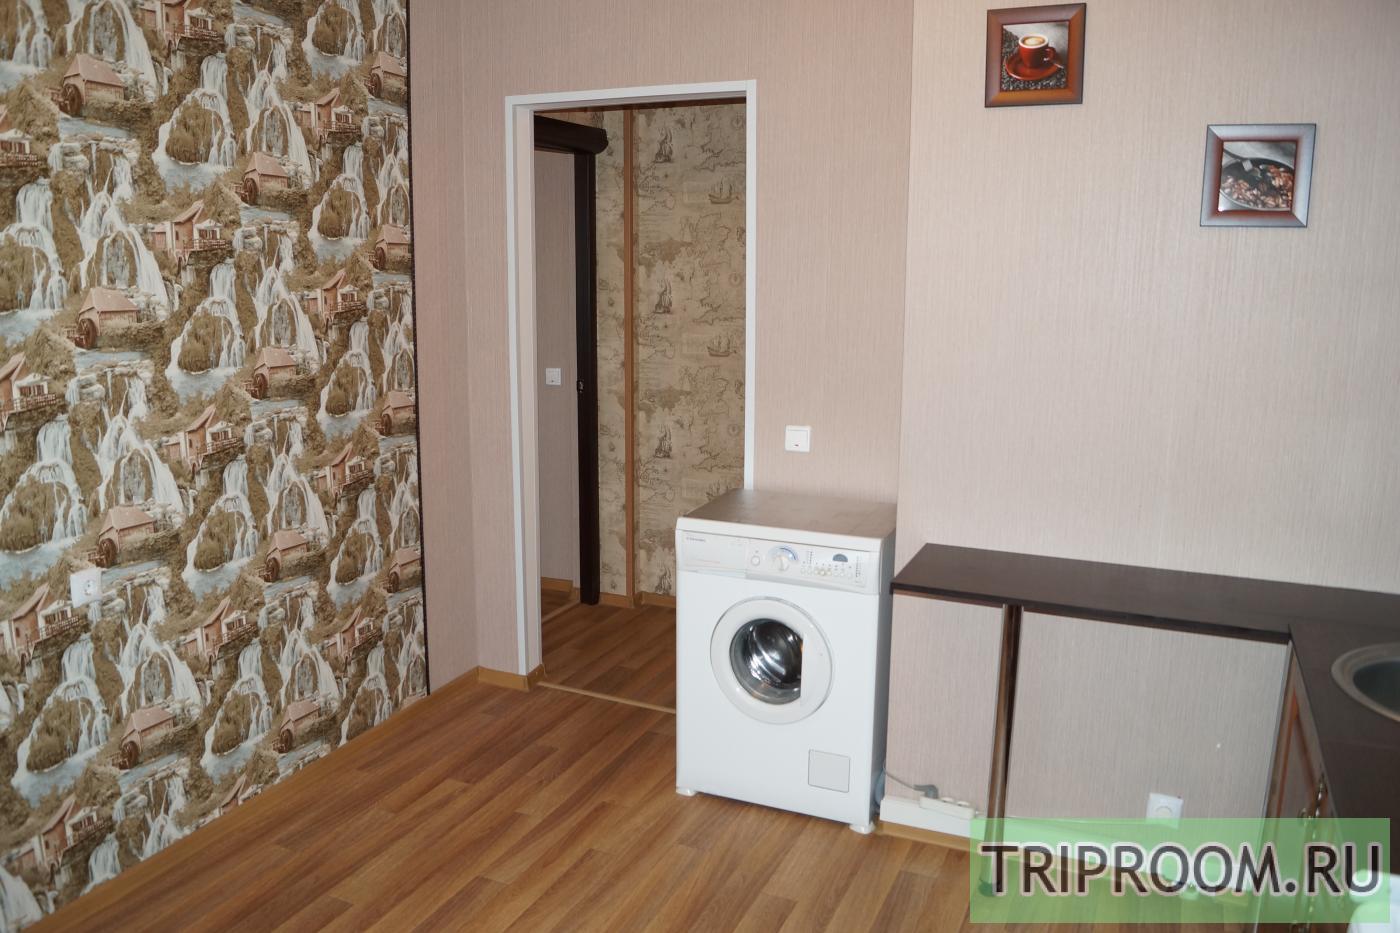 2-комнатная квартира посуточно (вариант № 8512), ул. Урицкого улица, фото № 5